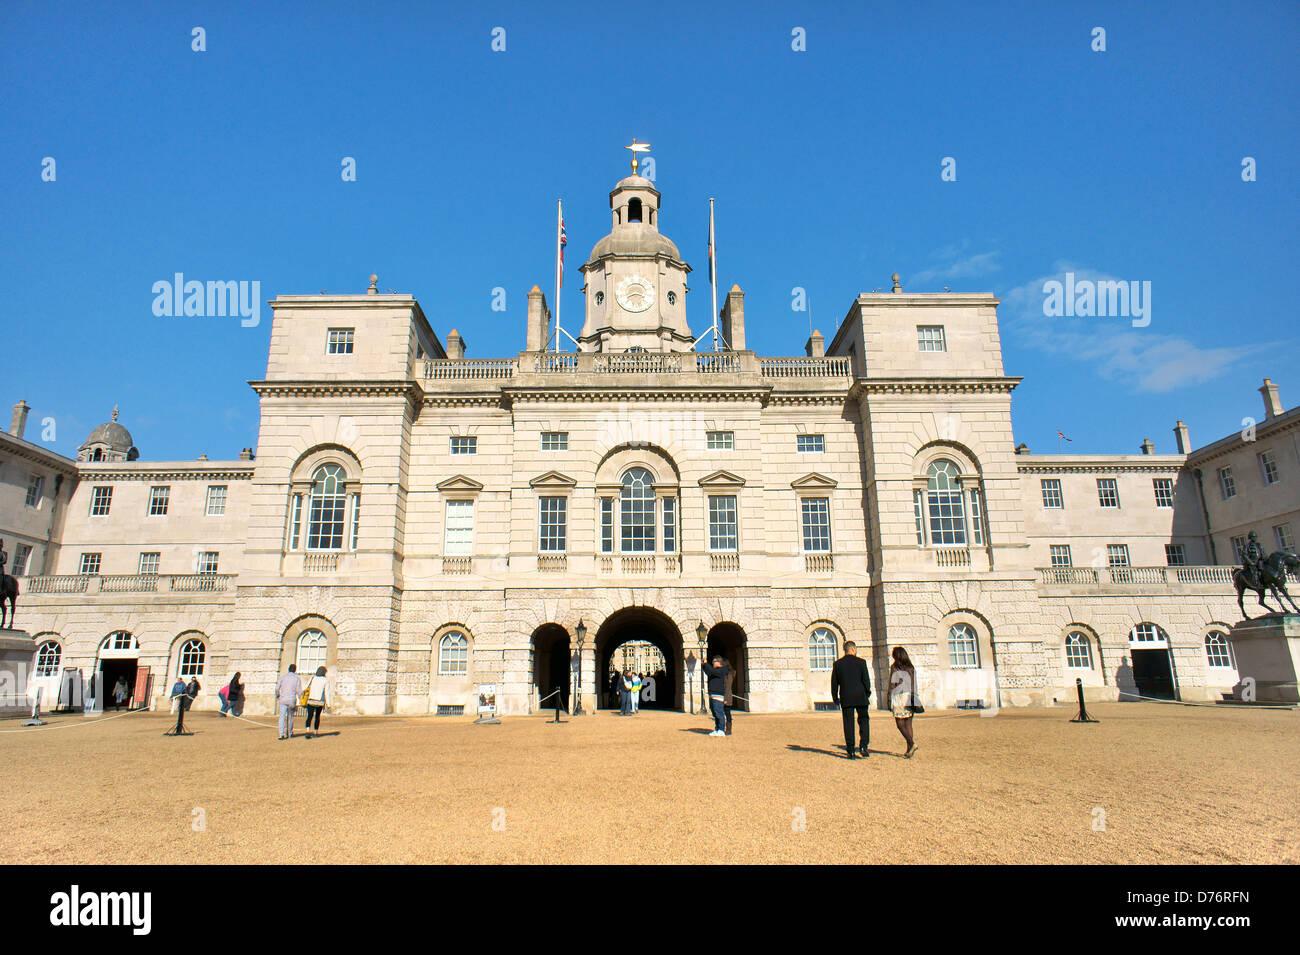 Horse Guards. Stile palladiano Palazzo Whitehall, Londra. Visto dalla sfilata delle Guardie a Cavallo Immagini Stock